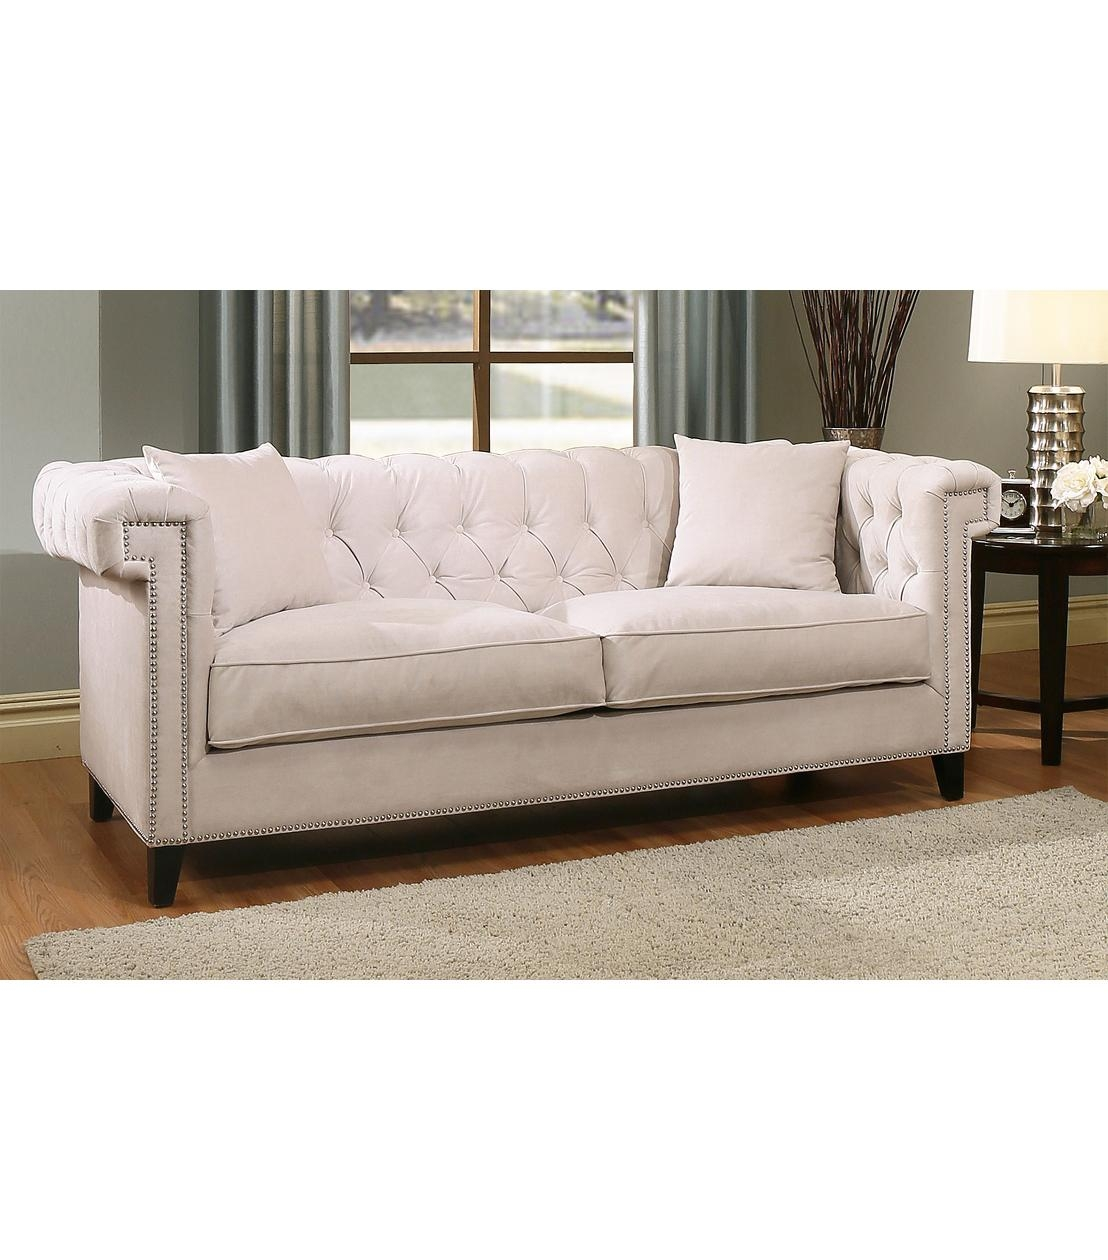 Sofas : Victoria Velvet Sofa, Ivory Pertaining To Abbyson Sofas (Image 15 of 20)